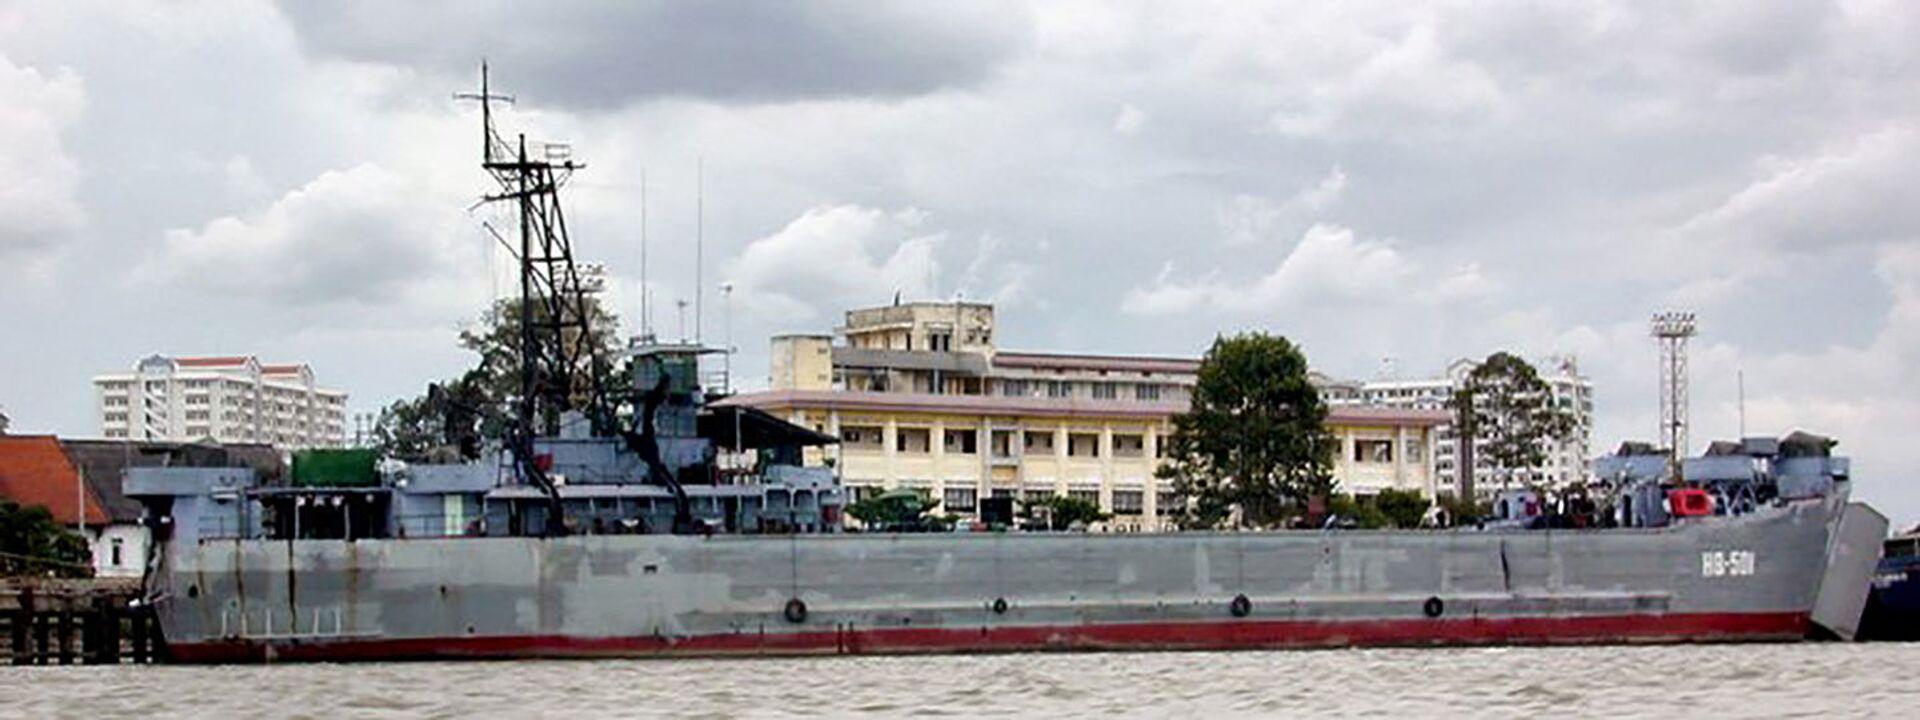 Trình độ bảo quản tàu chiến và vũ khí đáng ngạc nhiên của Hải quân nhân dân Việt Nam - Sputnik Việt Nam, 1920, 06.07.2021